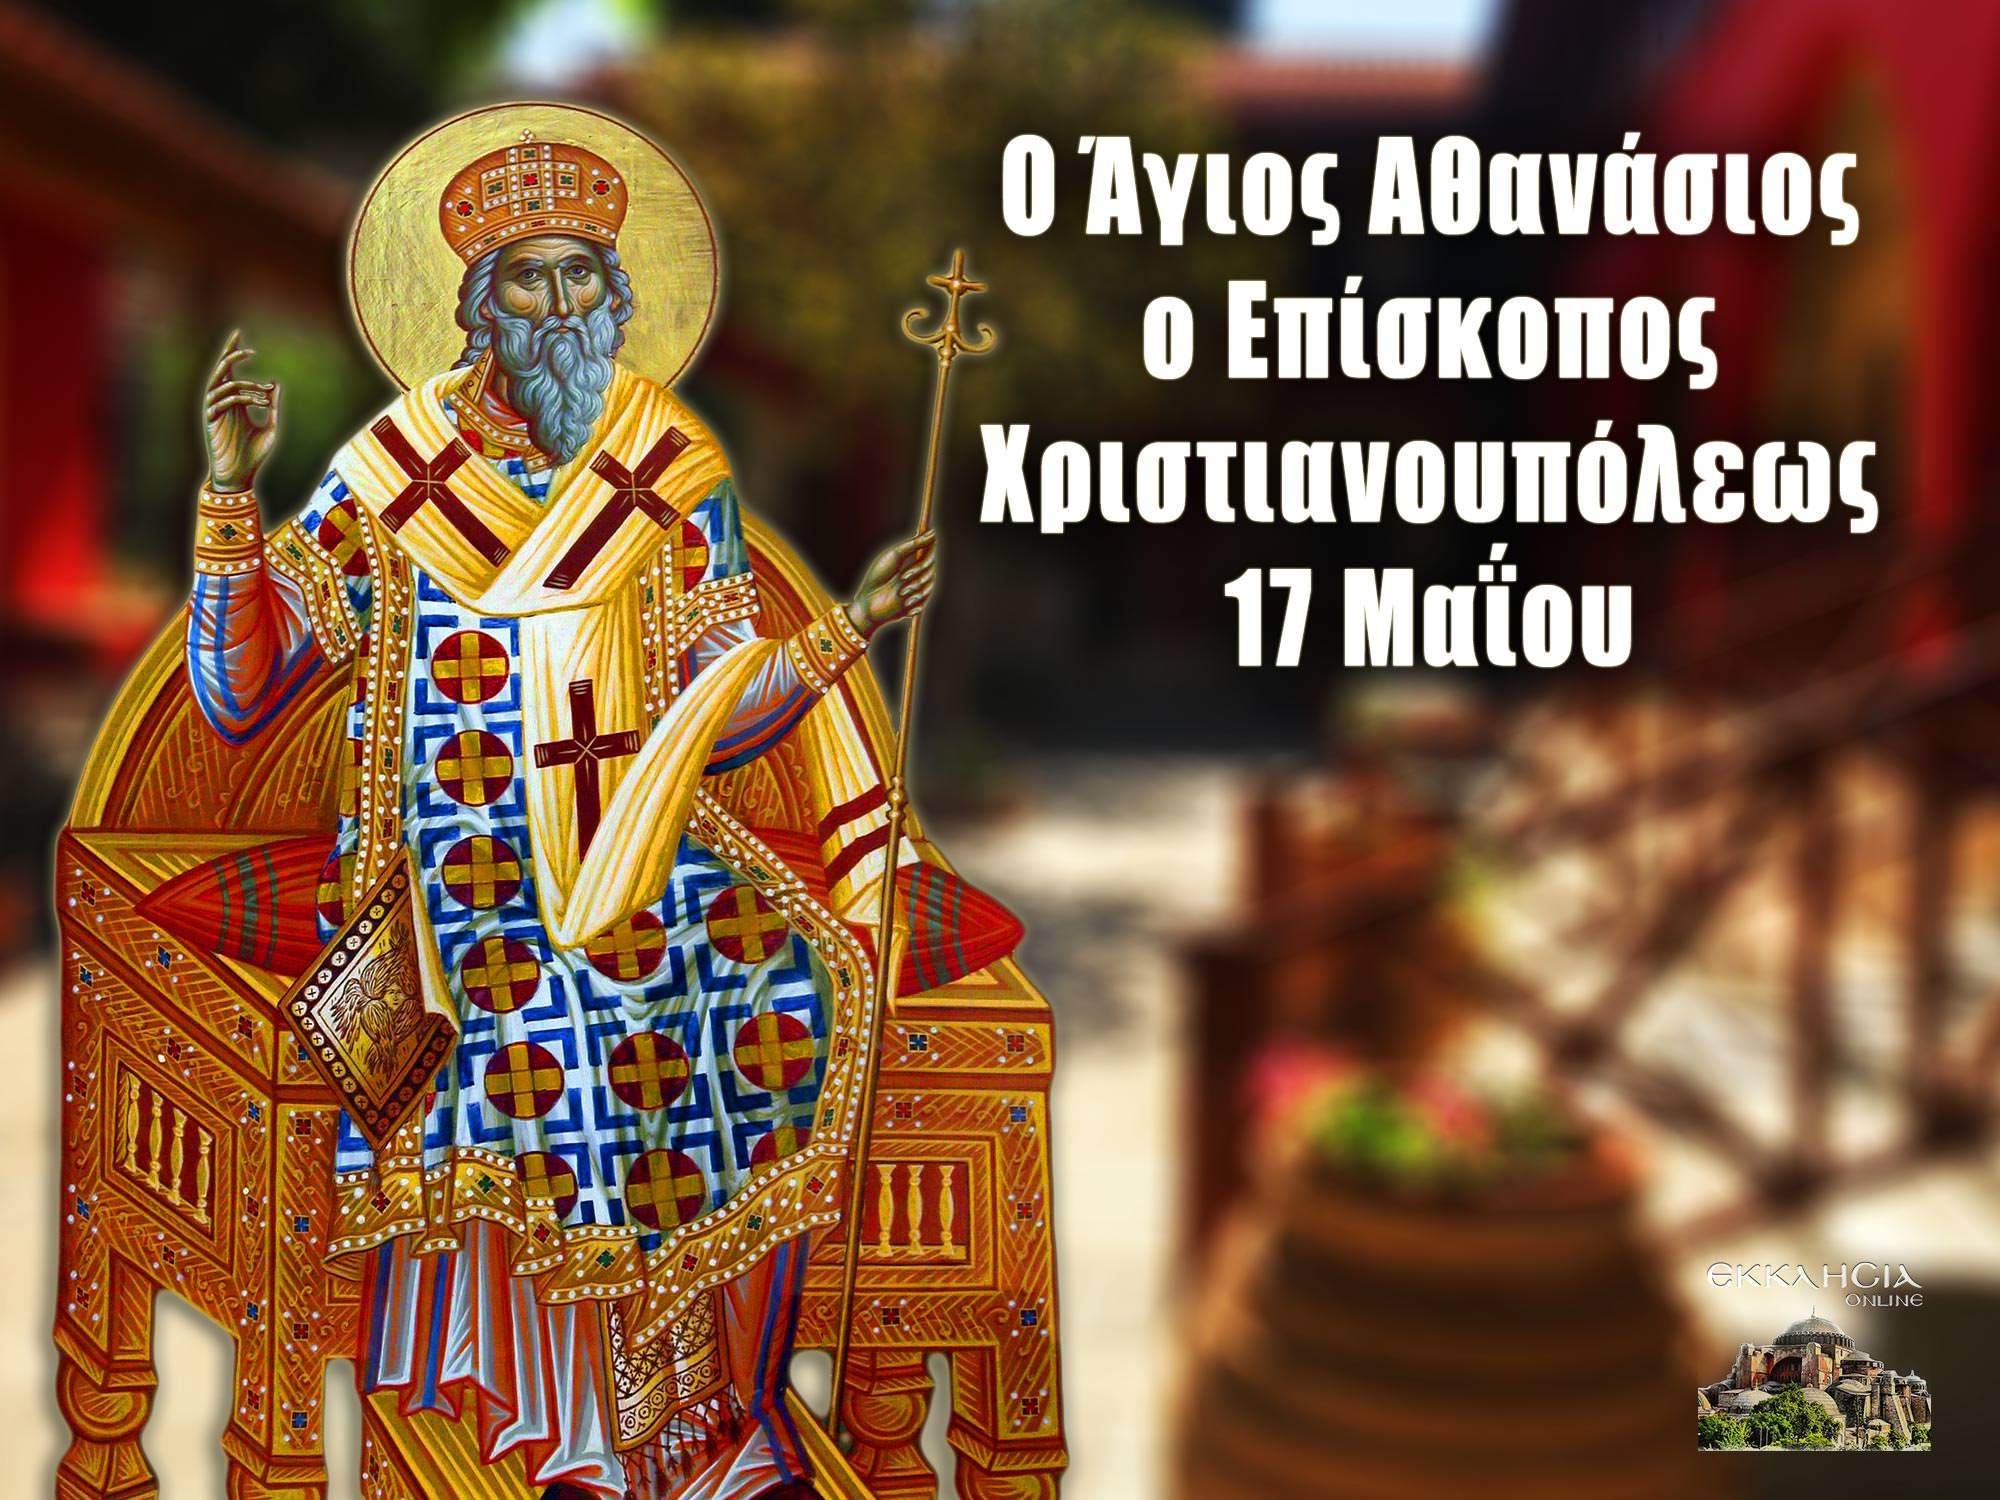 Άγιος Αθανάσιος Χριστιανουπόλεως 17 Μαΐου